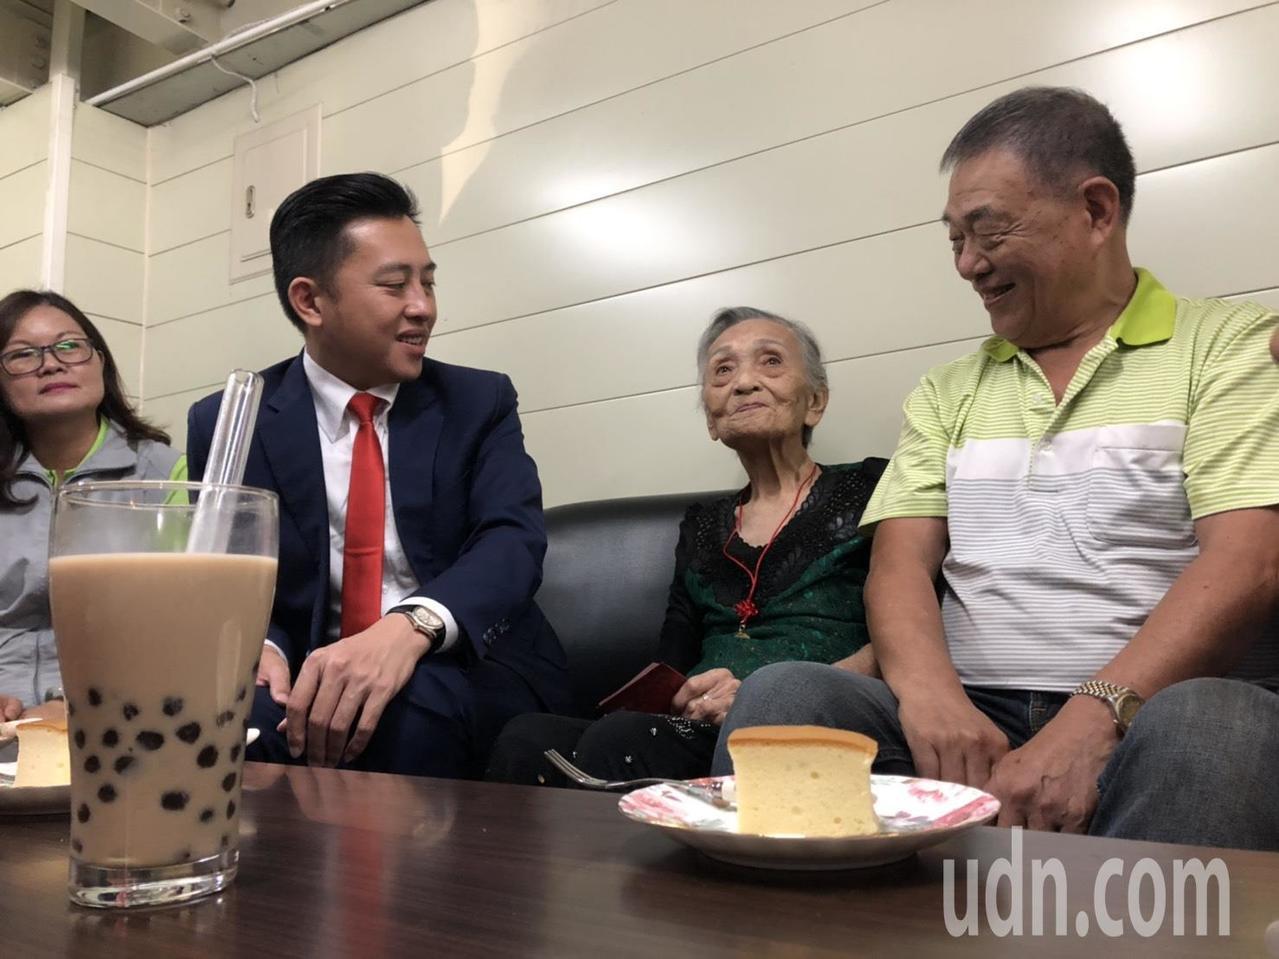 新竹市長林智堅(左二)今天親自帶著珍奶和布丁蛋糕探視林邱惜(右二),一起共享下午...